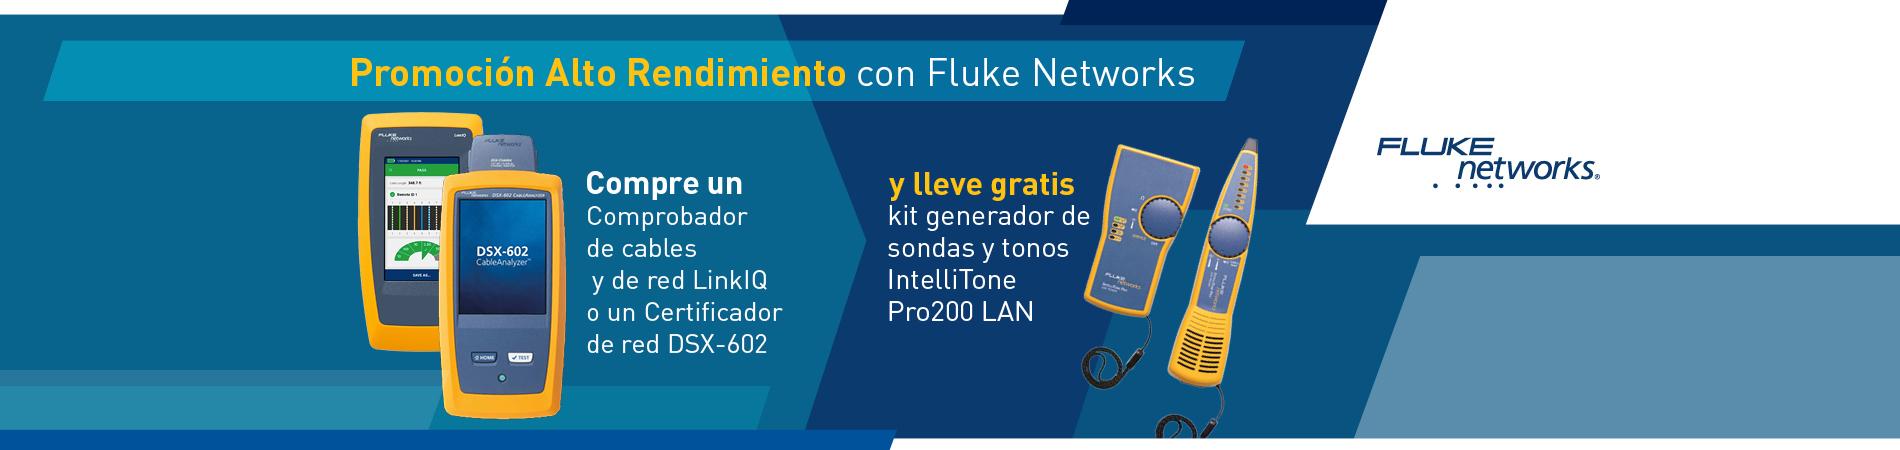 Comprobador de cables LinkIQ y Certificador de red DSX-602 en Promoción